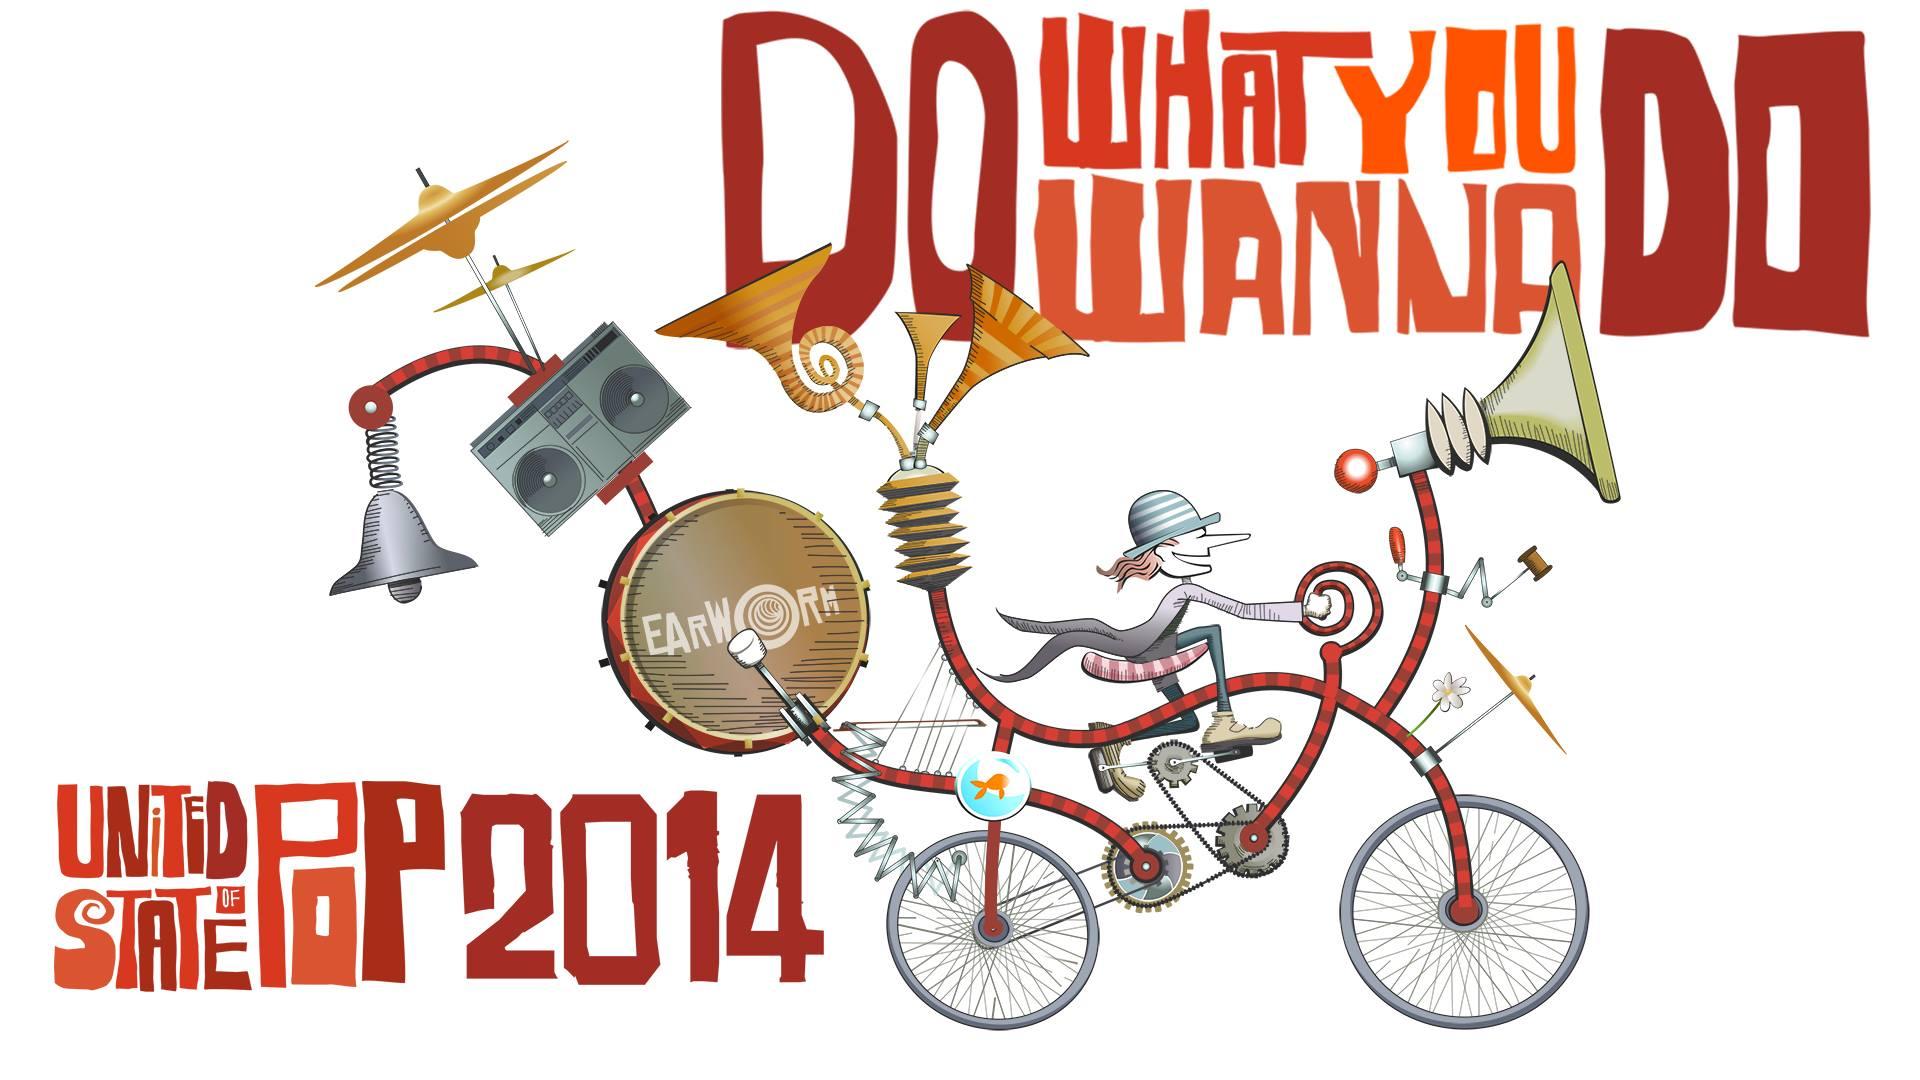 音楽で一年を振り返る、DJ Earwormの2014 MASHUP!!